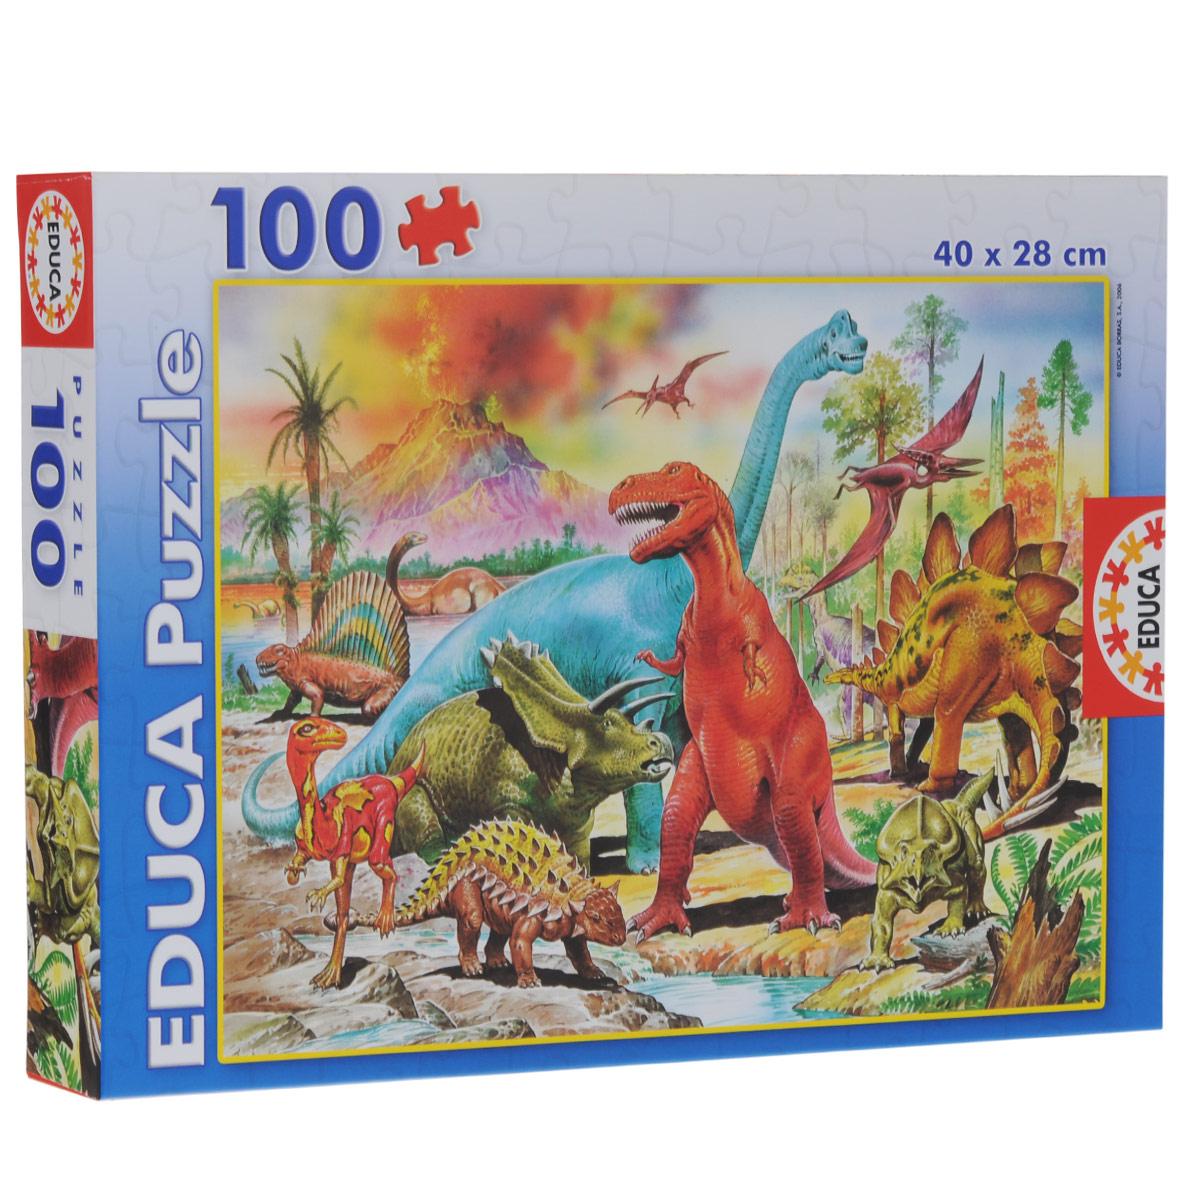 Educa Динозавры. Пазл, 100 элементов13179Пазл Динозавры без сомнения, придется по душе вам и вашему ребенку. Собрав этот пазл, включающий в себя 100 элементов, вы получите красочную картинку с изображением динозавров. Пазл - великолепная игра для семейного досуга. Сегодня собирание пазлов стало особенно популярным, главным образом, благодаря своей многообразной тематике, способной удовлетворить самый взыскательный вкус. А для детей это не только интересно, но и полезно. Собирание пазла развивает мелкую моторику рук у ребенка, тренирует наблюдательность, логическое мышление, знакомит с окружающим миром, с цветом и разнообразными формами.